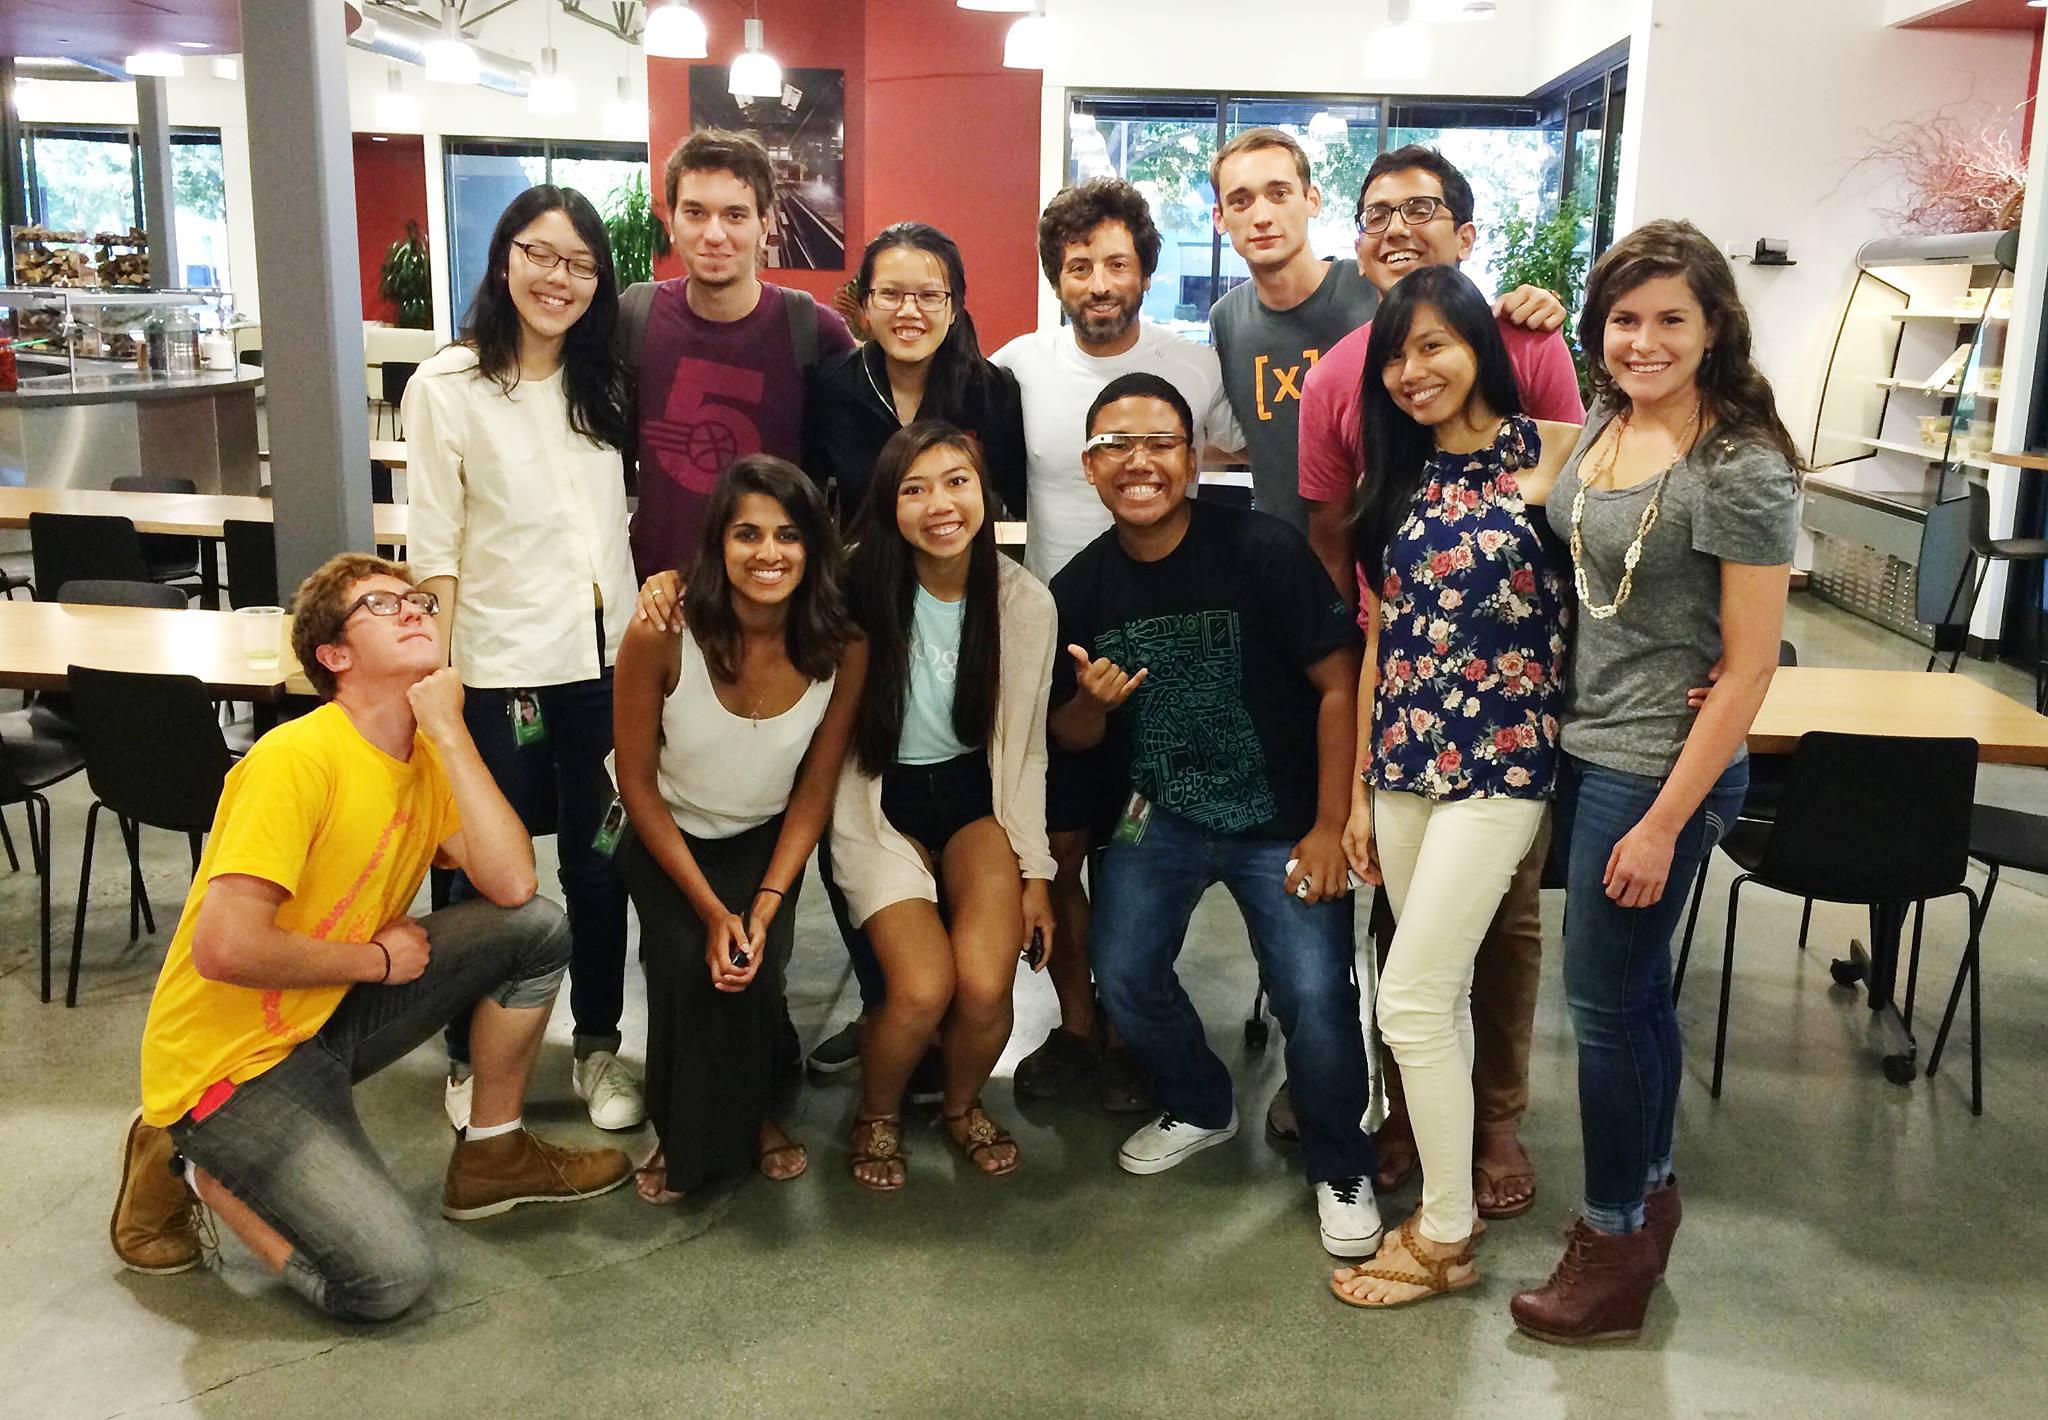 UX Design interns with Google co-founder Sergey Brin.